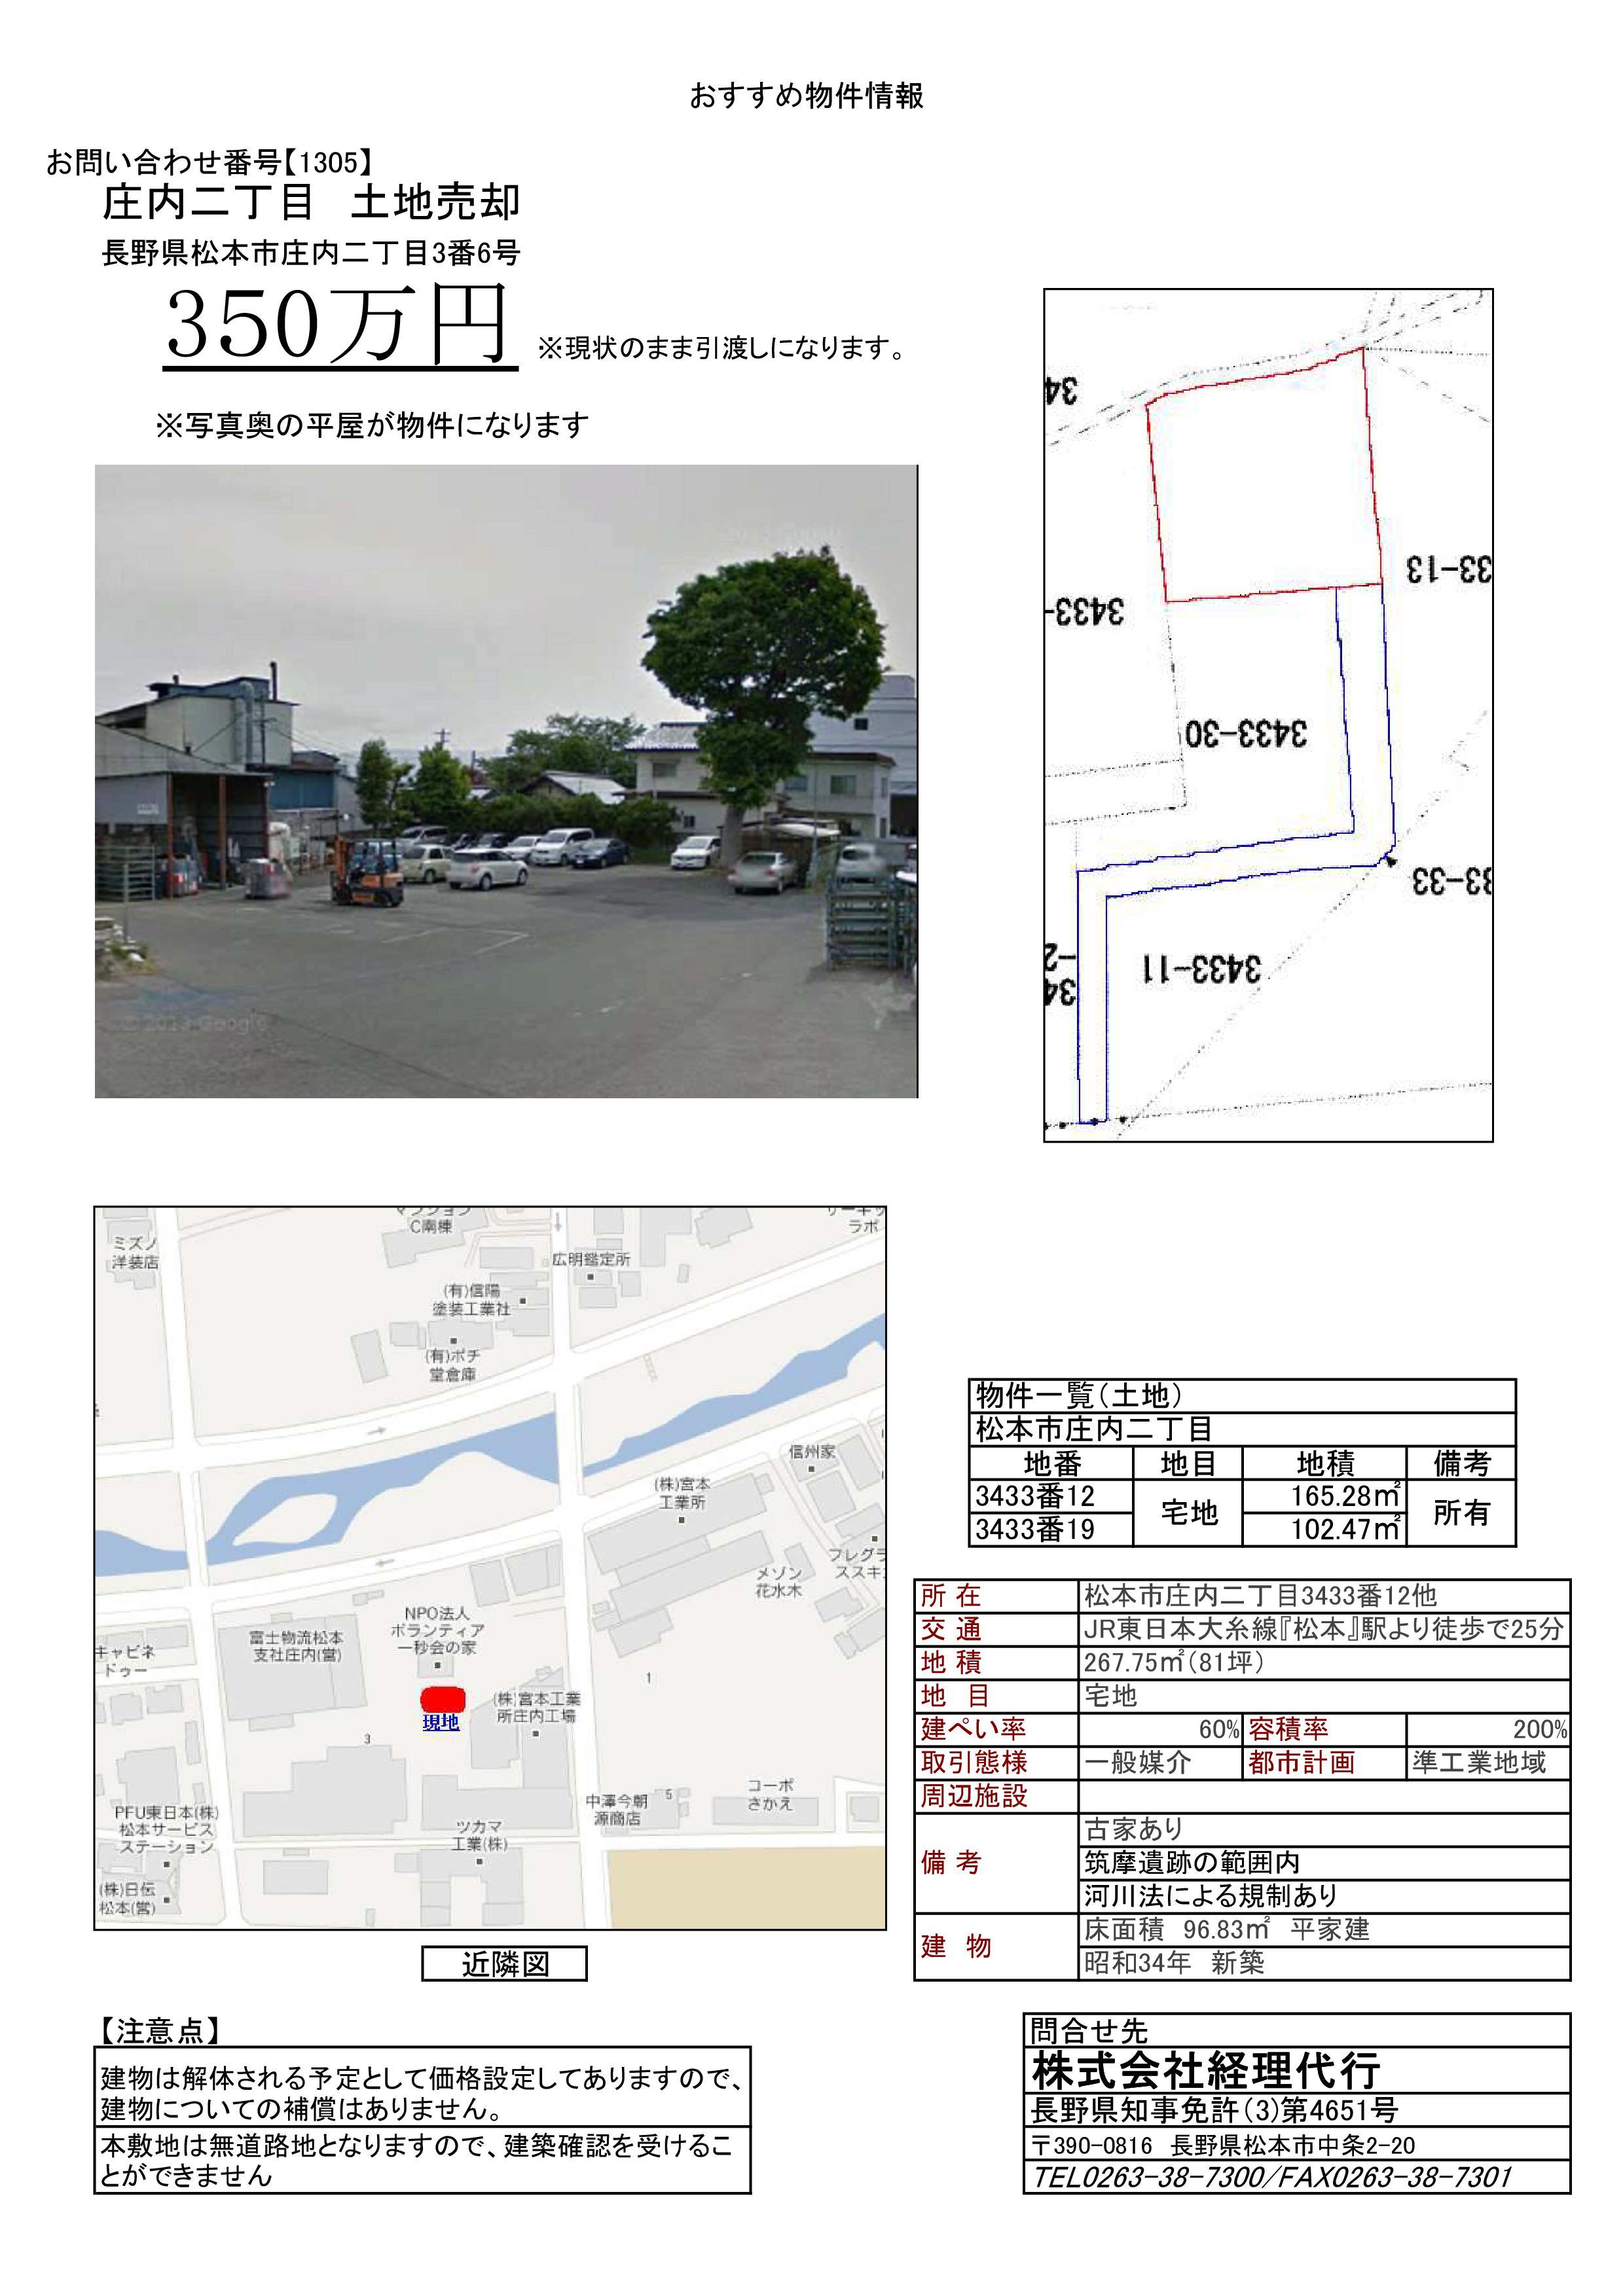 【1305】売却物件(庄内)350万円 300.jpg